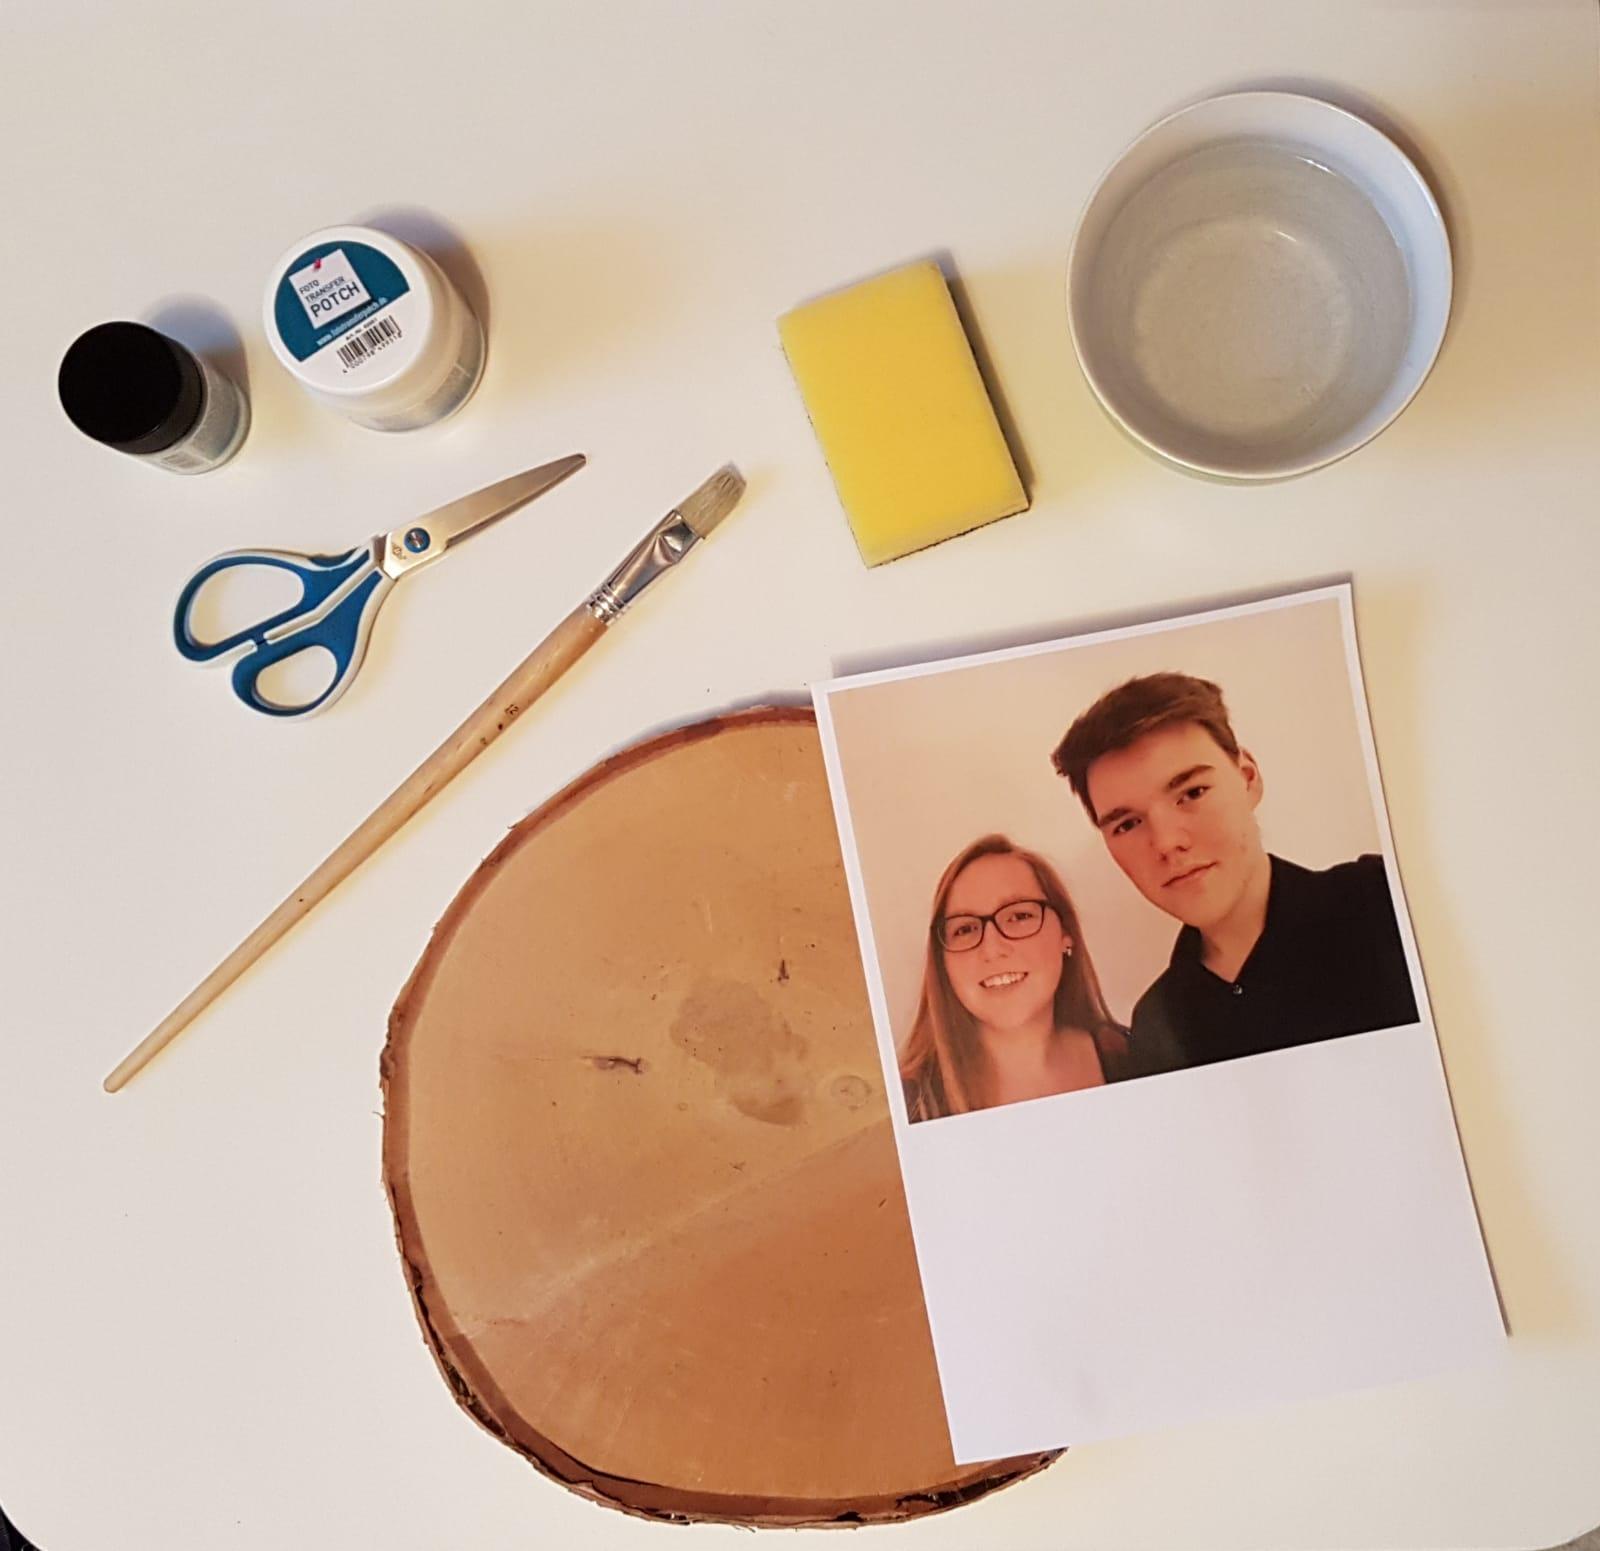 DIY Holzstück mit Foto - Deutsches Ferninstitut für Bildung, Pädagogik und Sozialmanagement GmbH